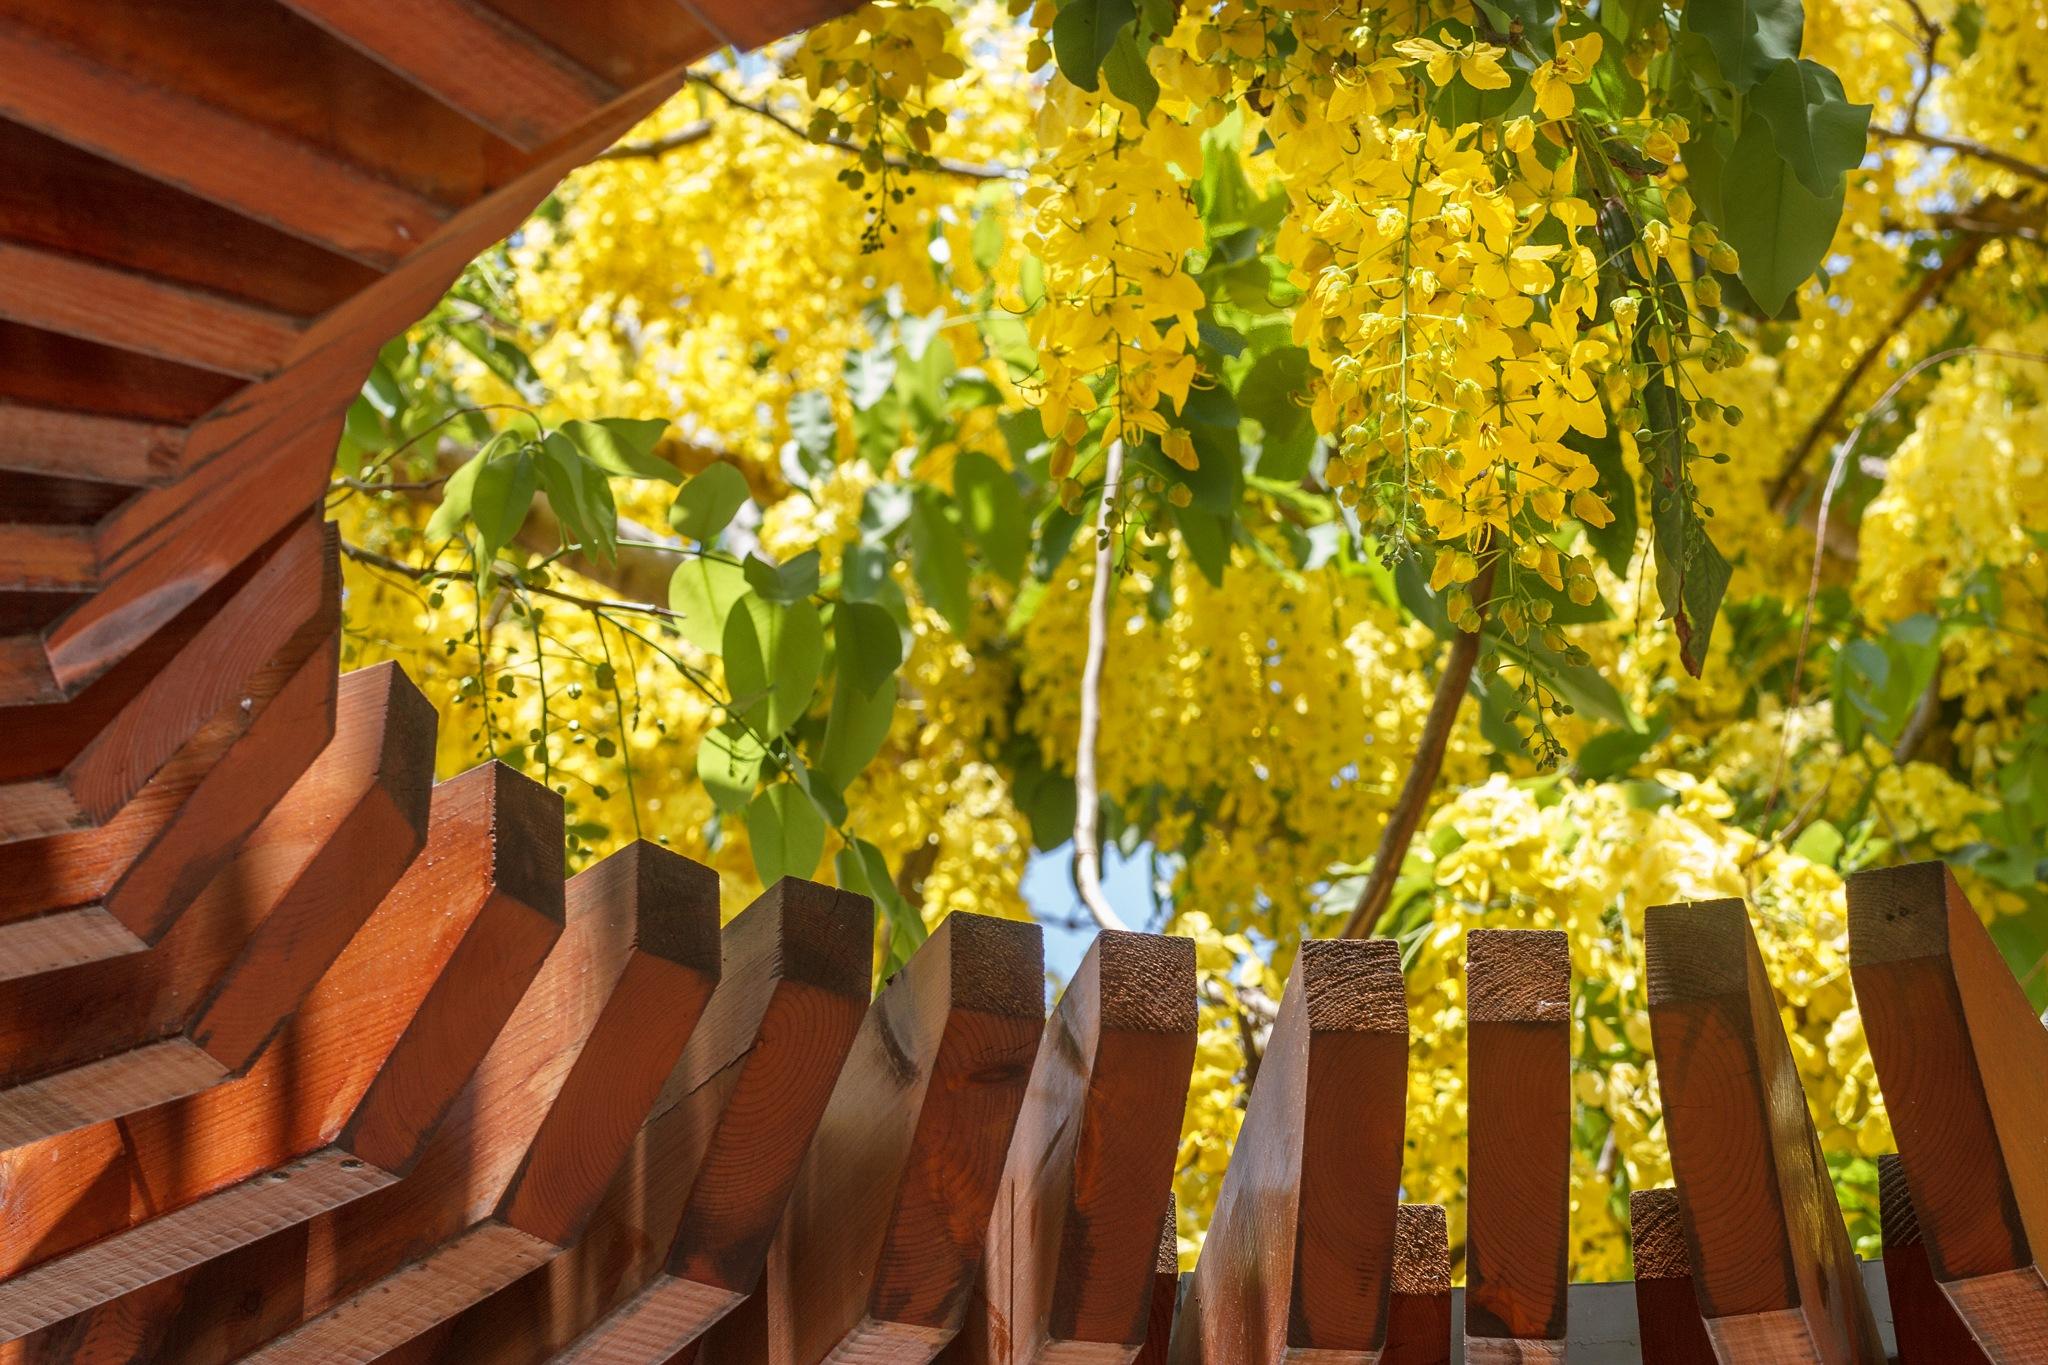 Blossom #2 by Anatoly Vinokurov